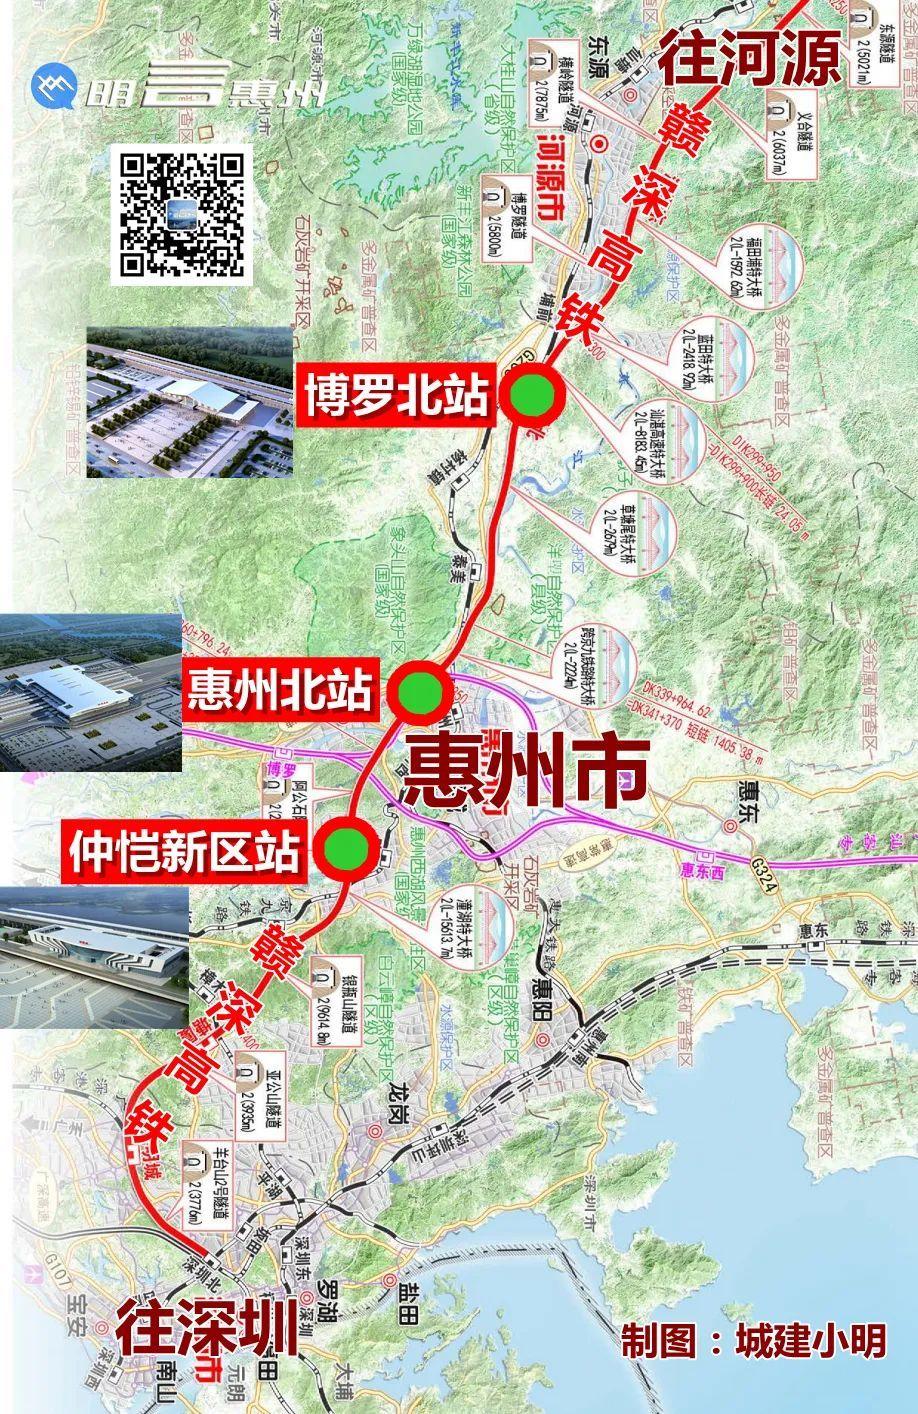 博罗北站、惠州北站和仲恺站区位图